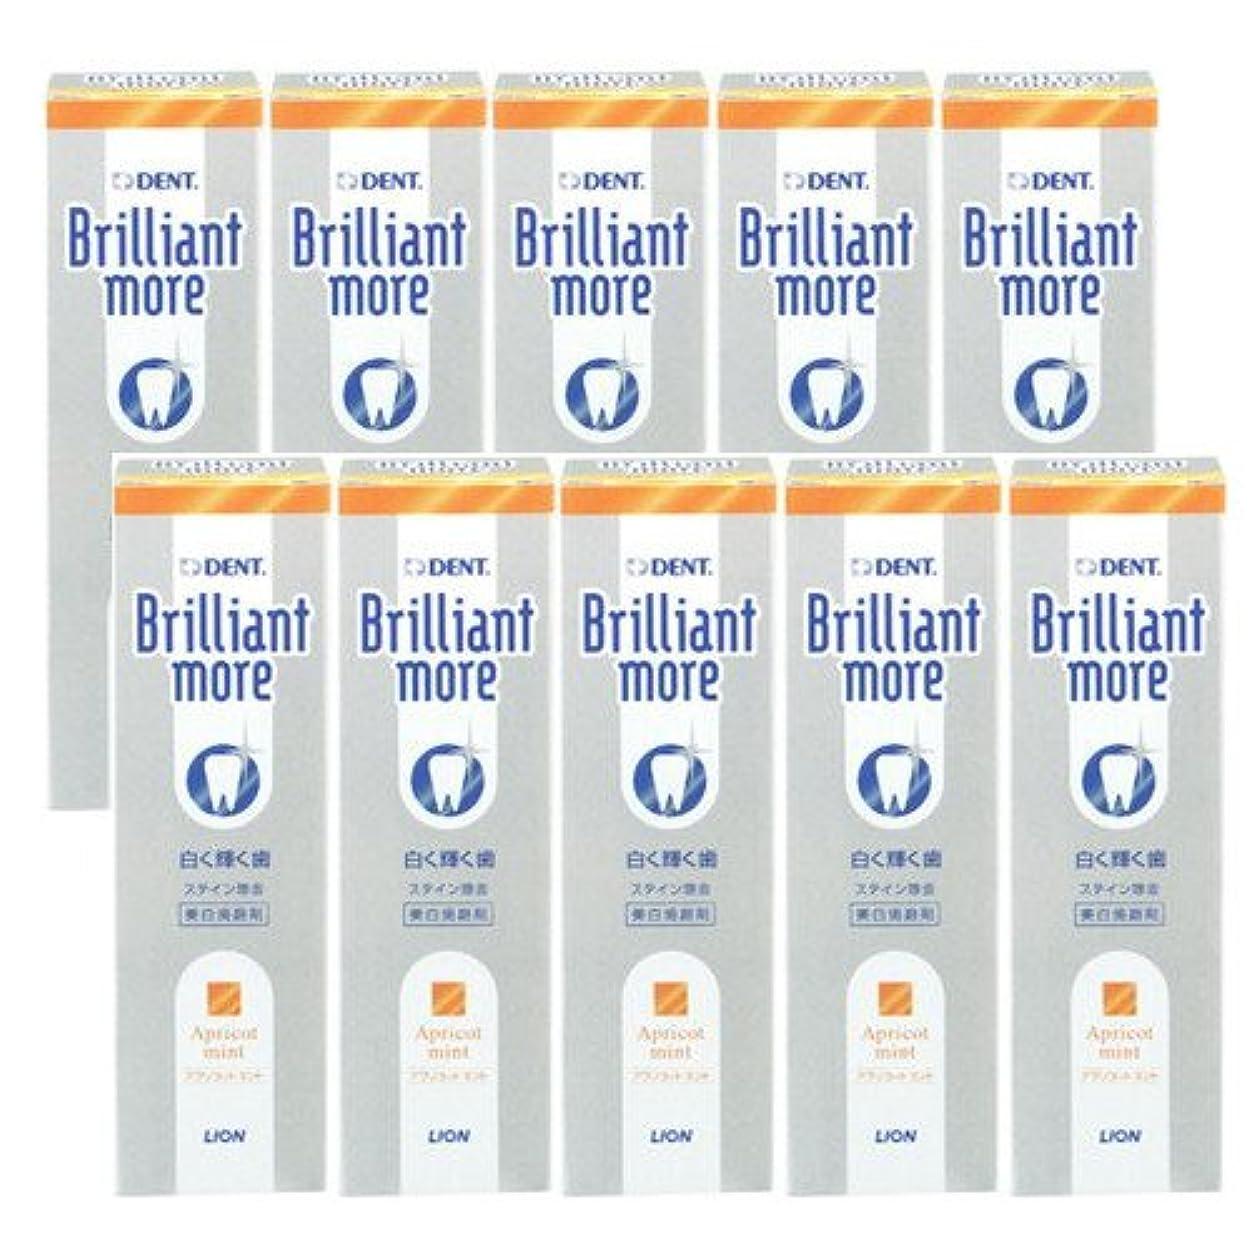 無声でボックスバナナライオン ブリリアントモア アプリコットミント 美白歯磨剤 LION Brilliant more 10本セット